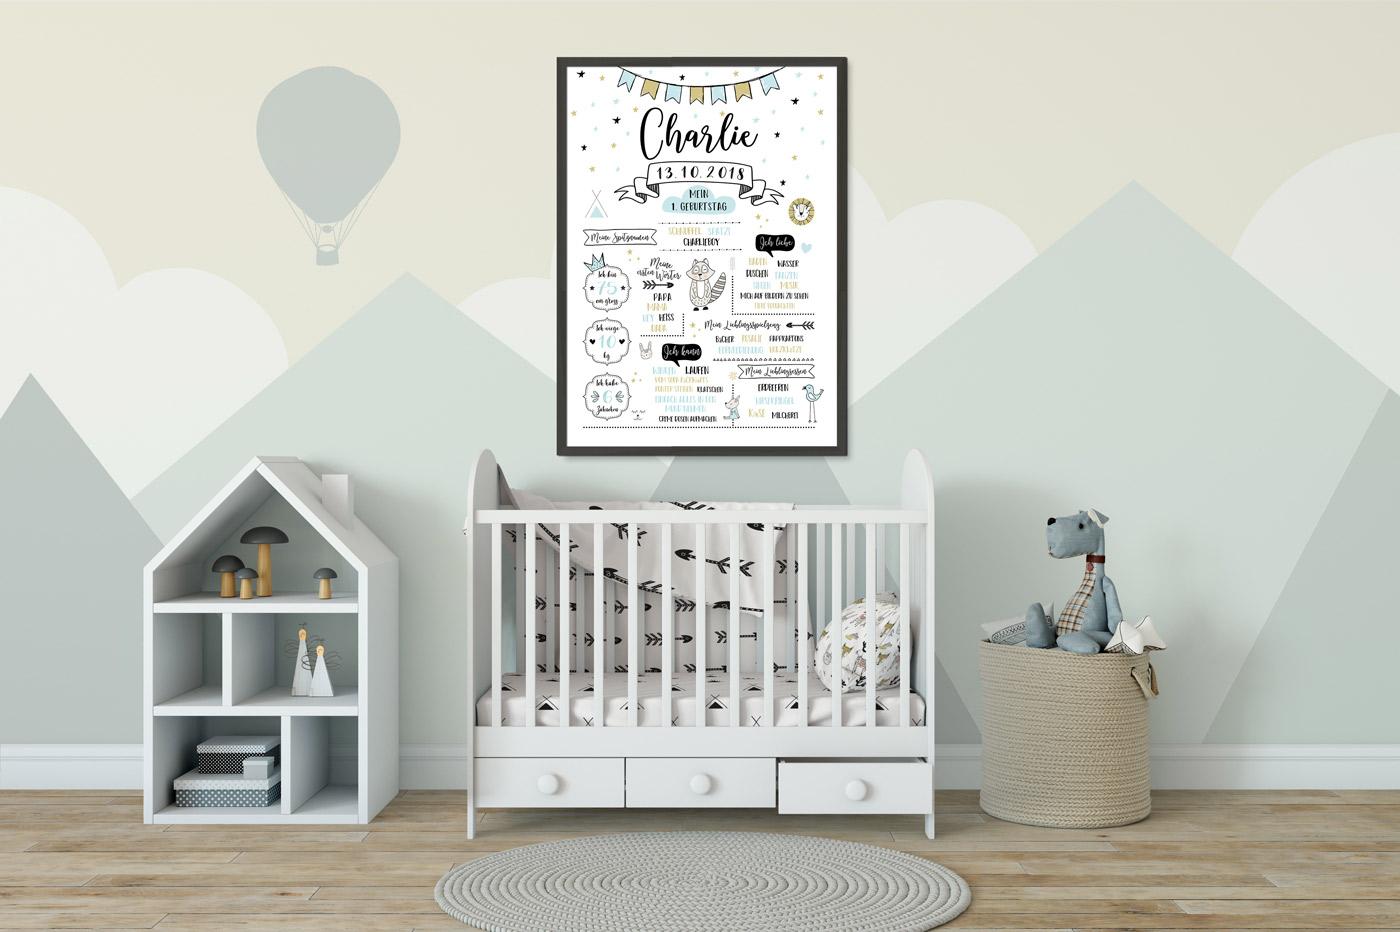 Meilensteintafel zum 1. Geburtstag skandinavisch weiß/pastellblau/gold Kinderzimmer